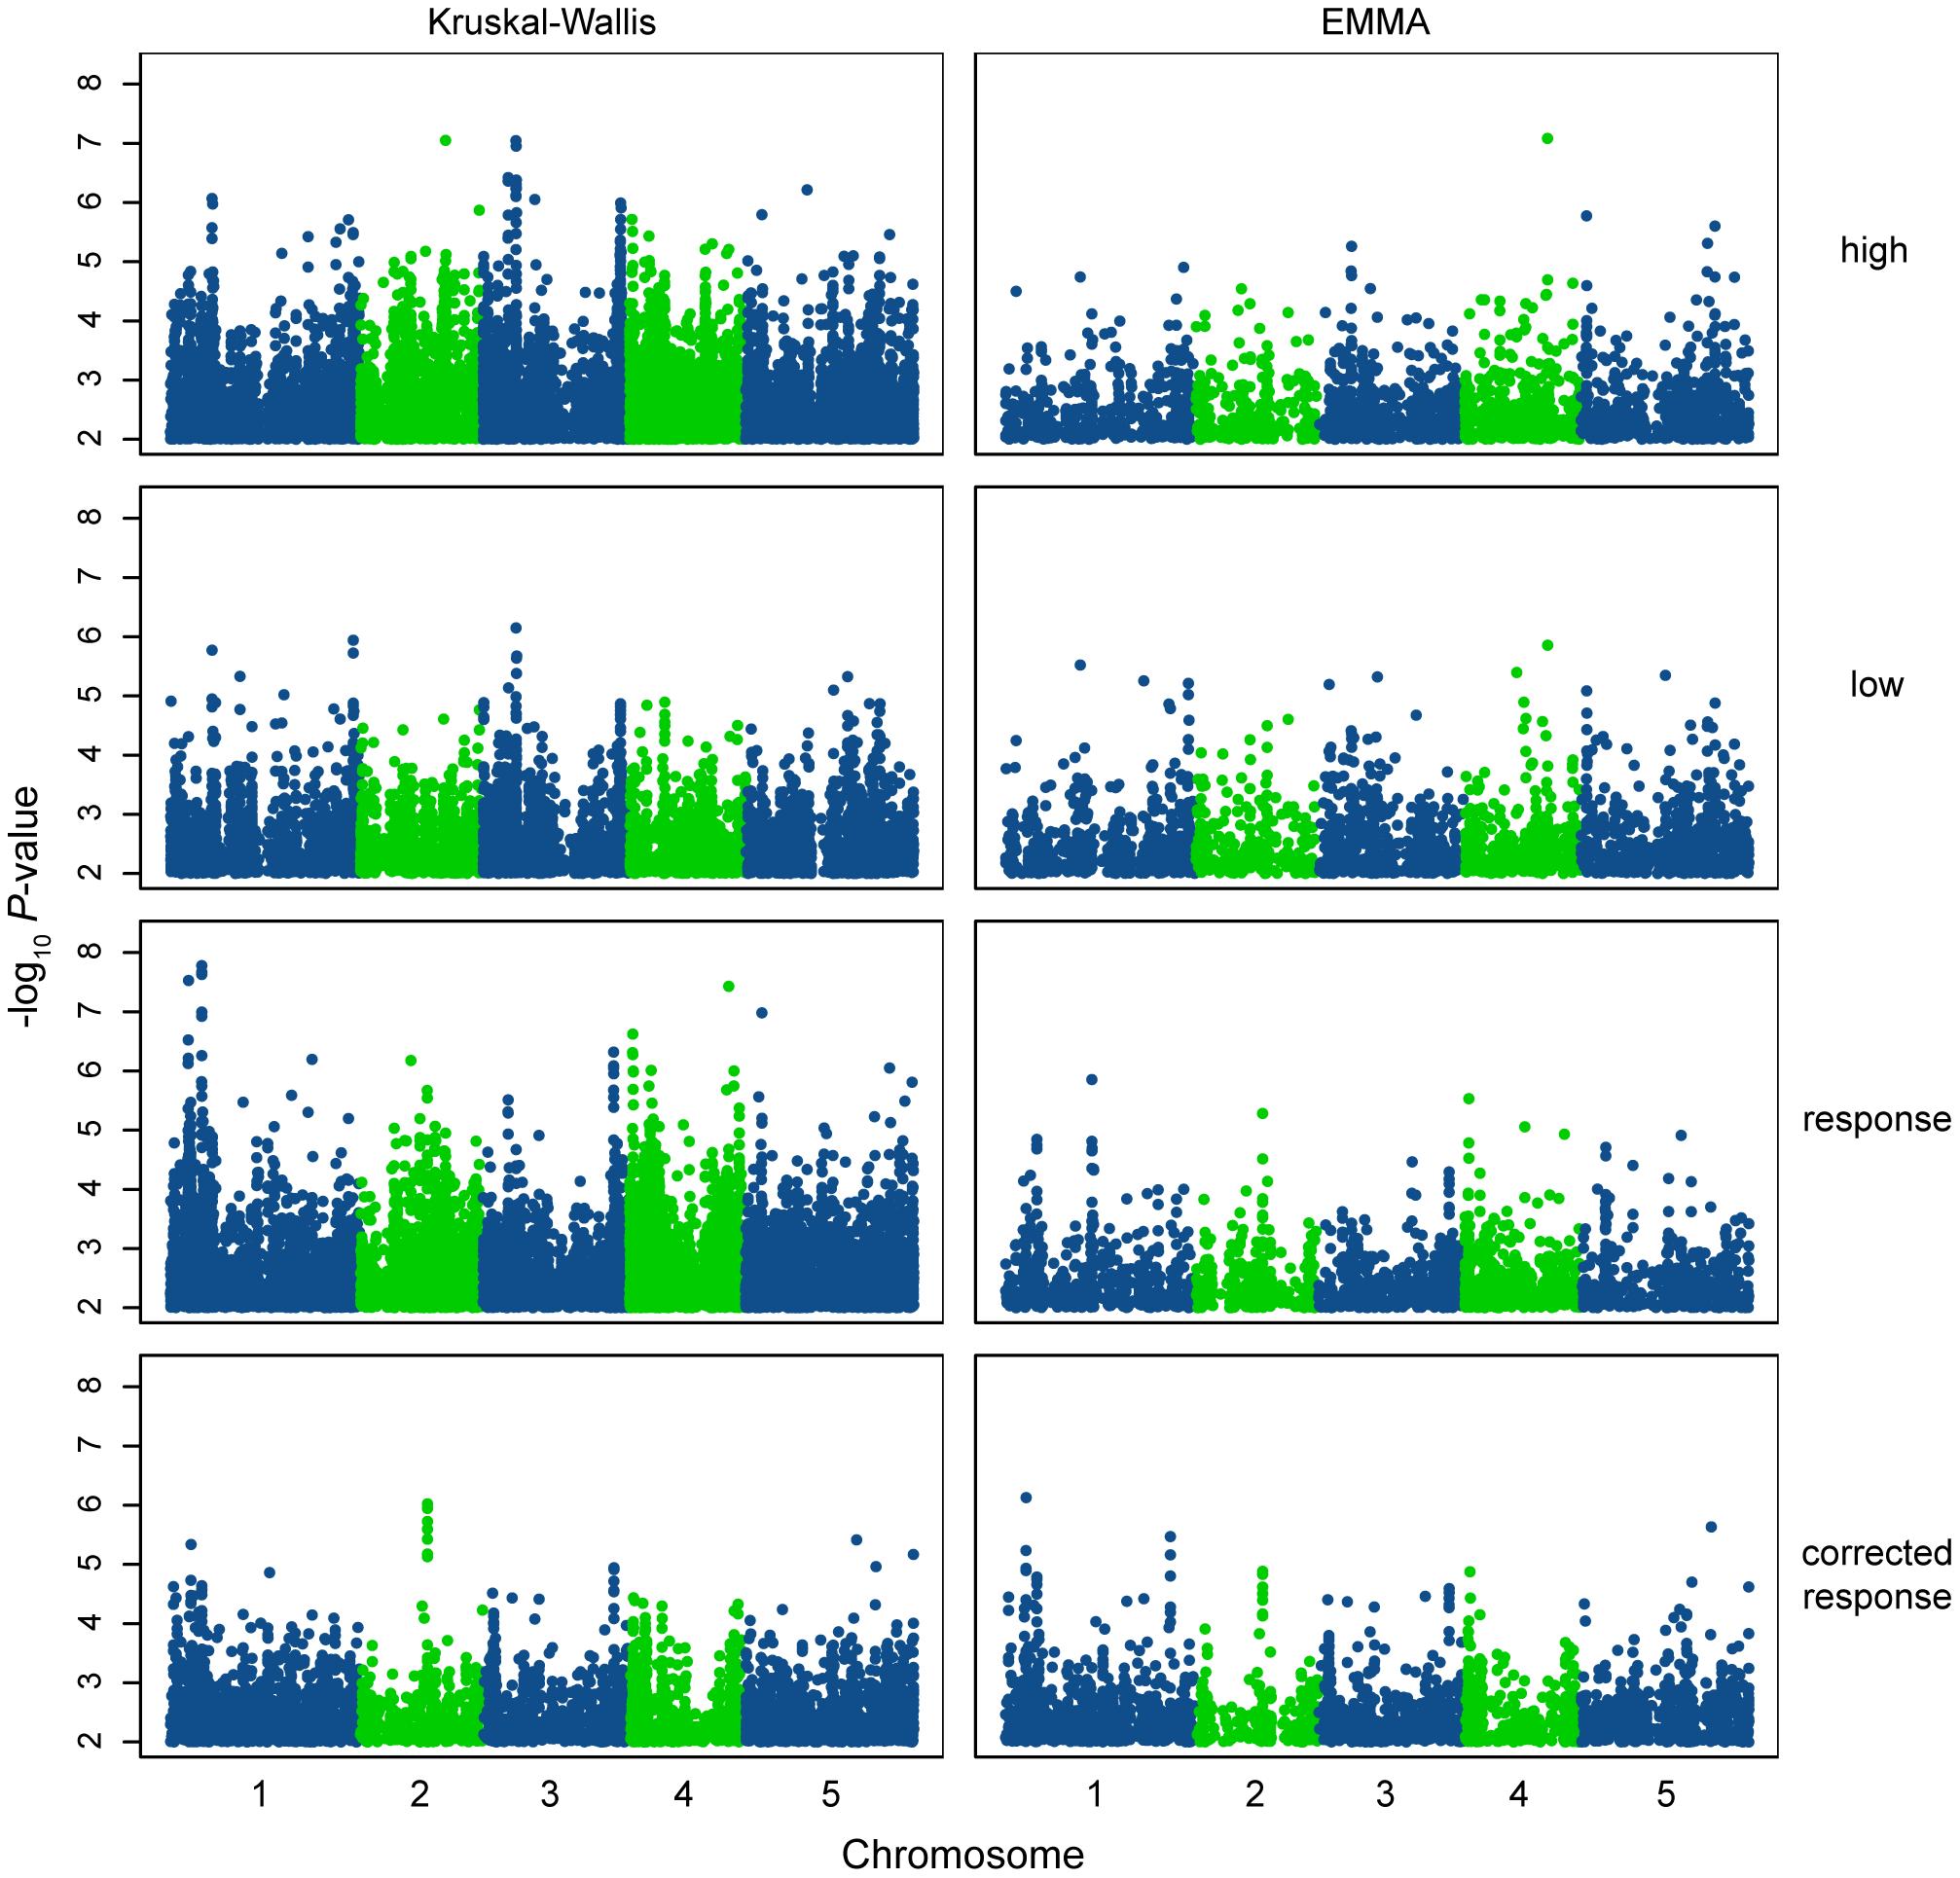 Manhattan plots of GWAS results.